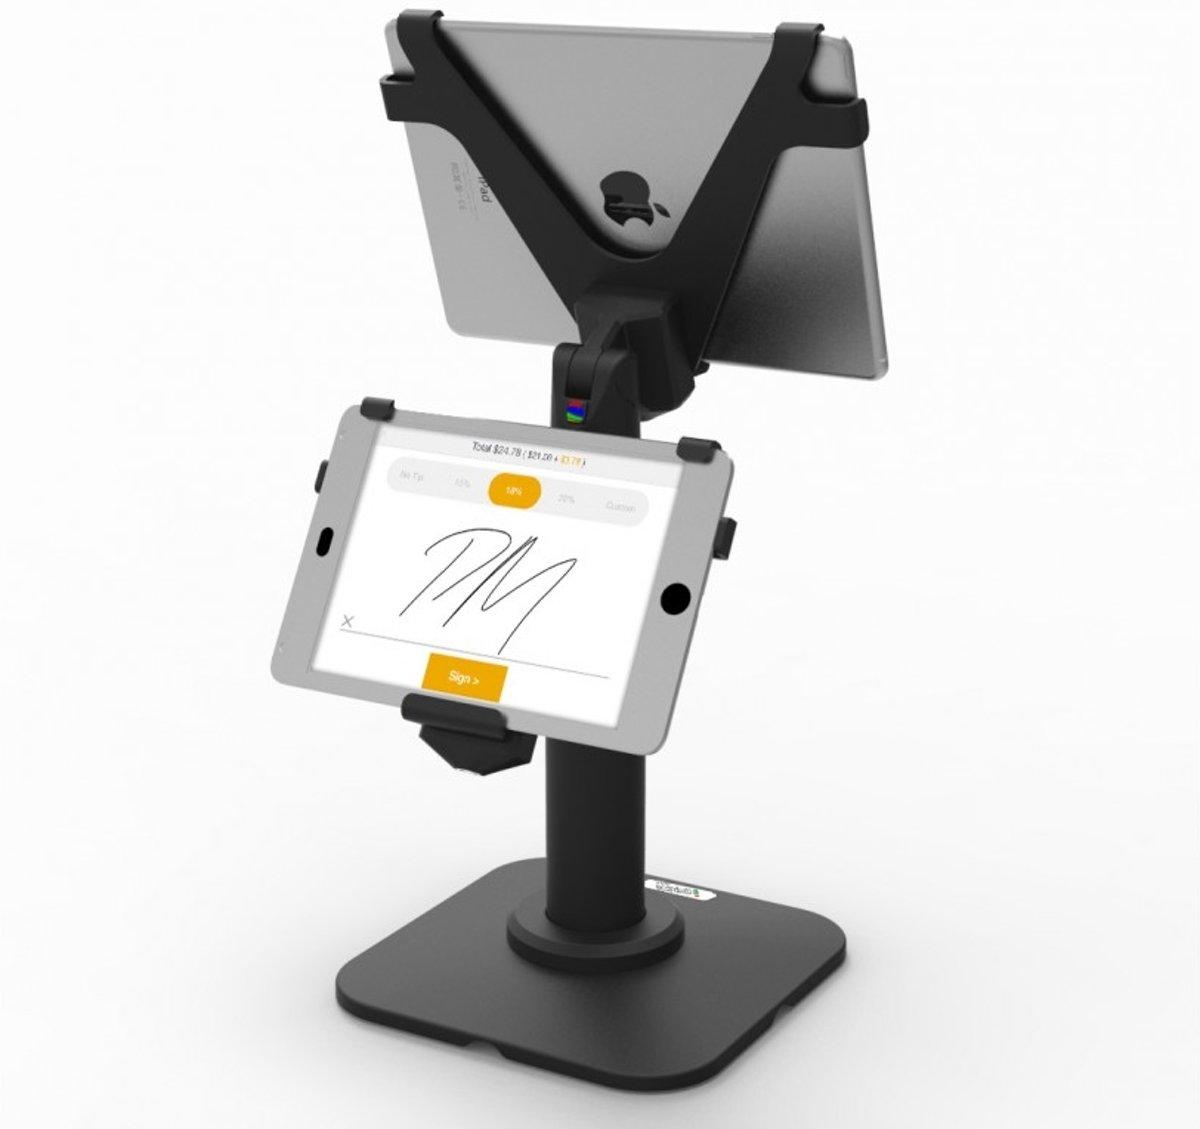 Compulocks Front V-Bracket veiligheidsbehuizing voor tablets 24,6 cm (9.7'') Zwart kopen